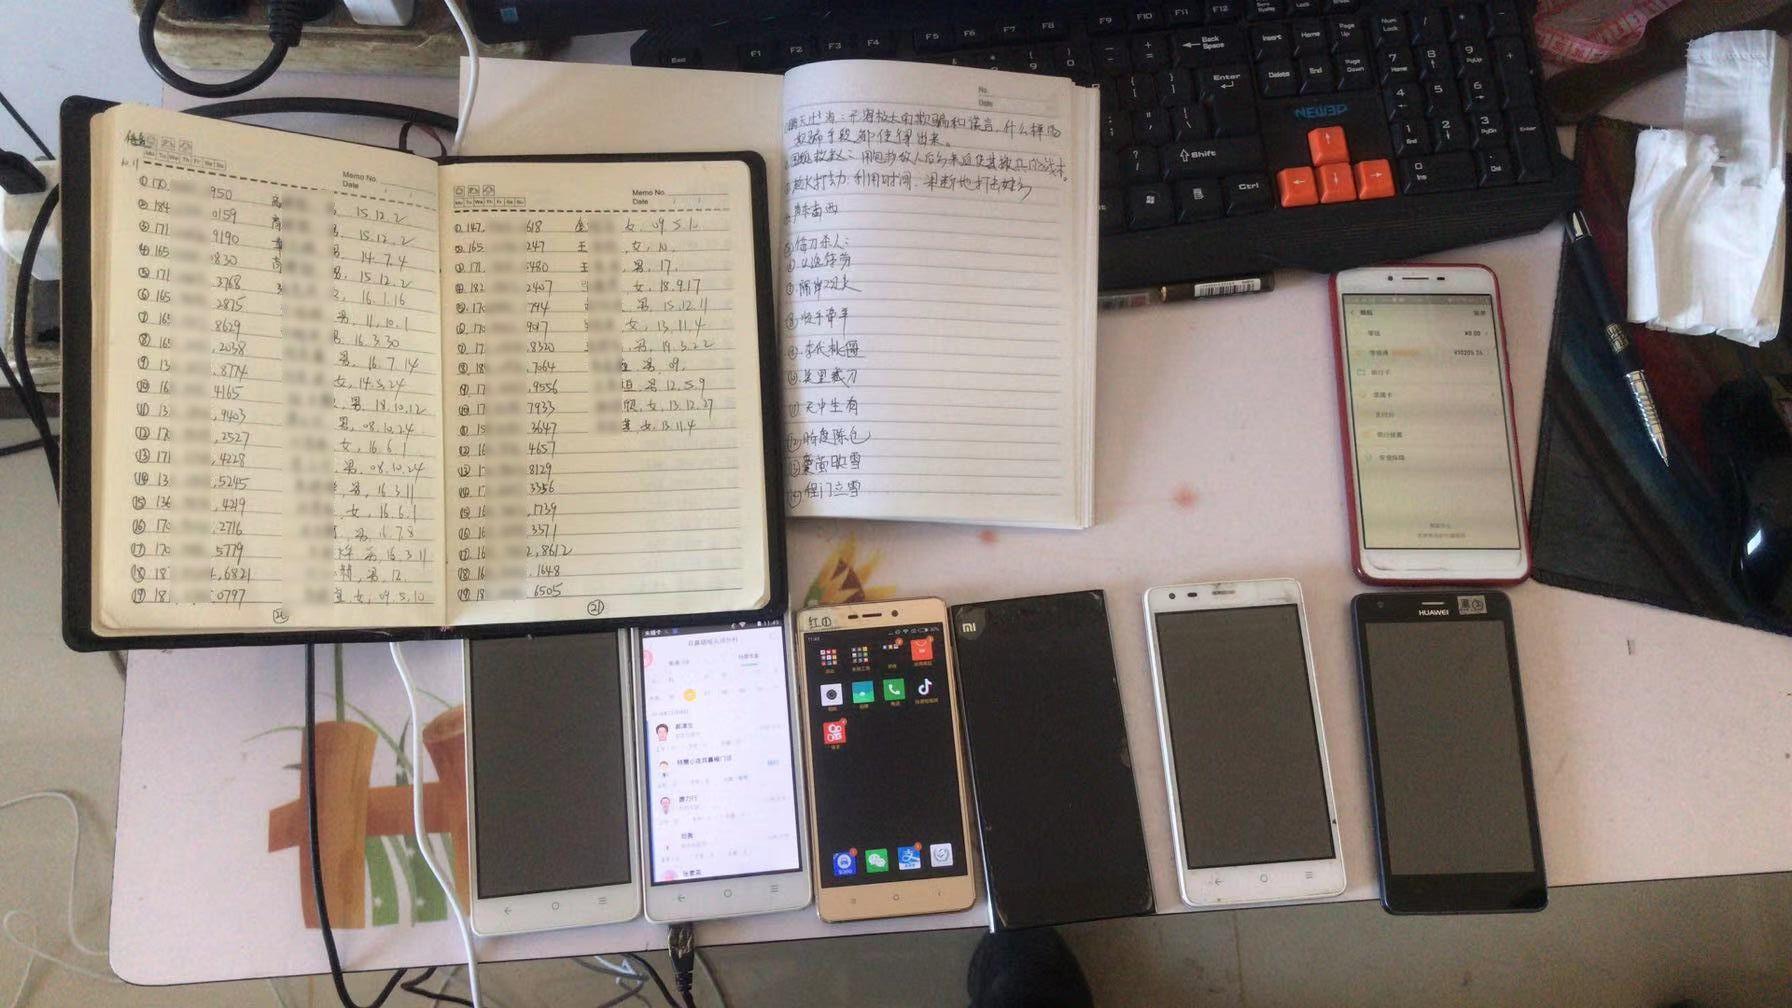 利用非法软件抢医院号源并高价贩卖,16人被刑拘